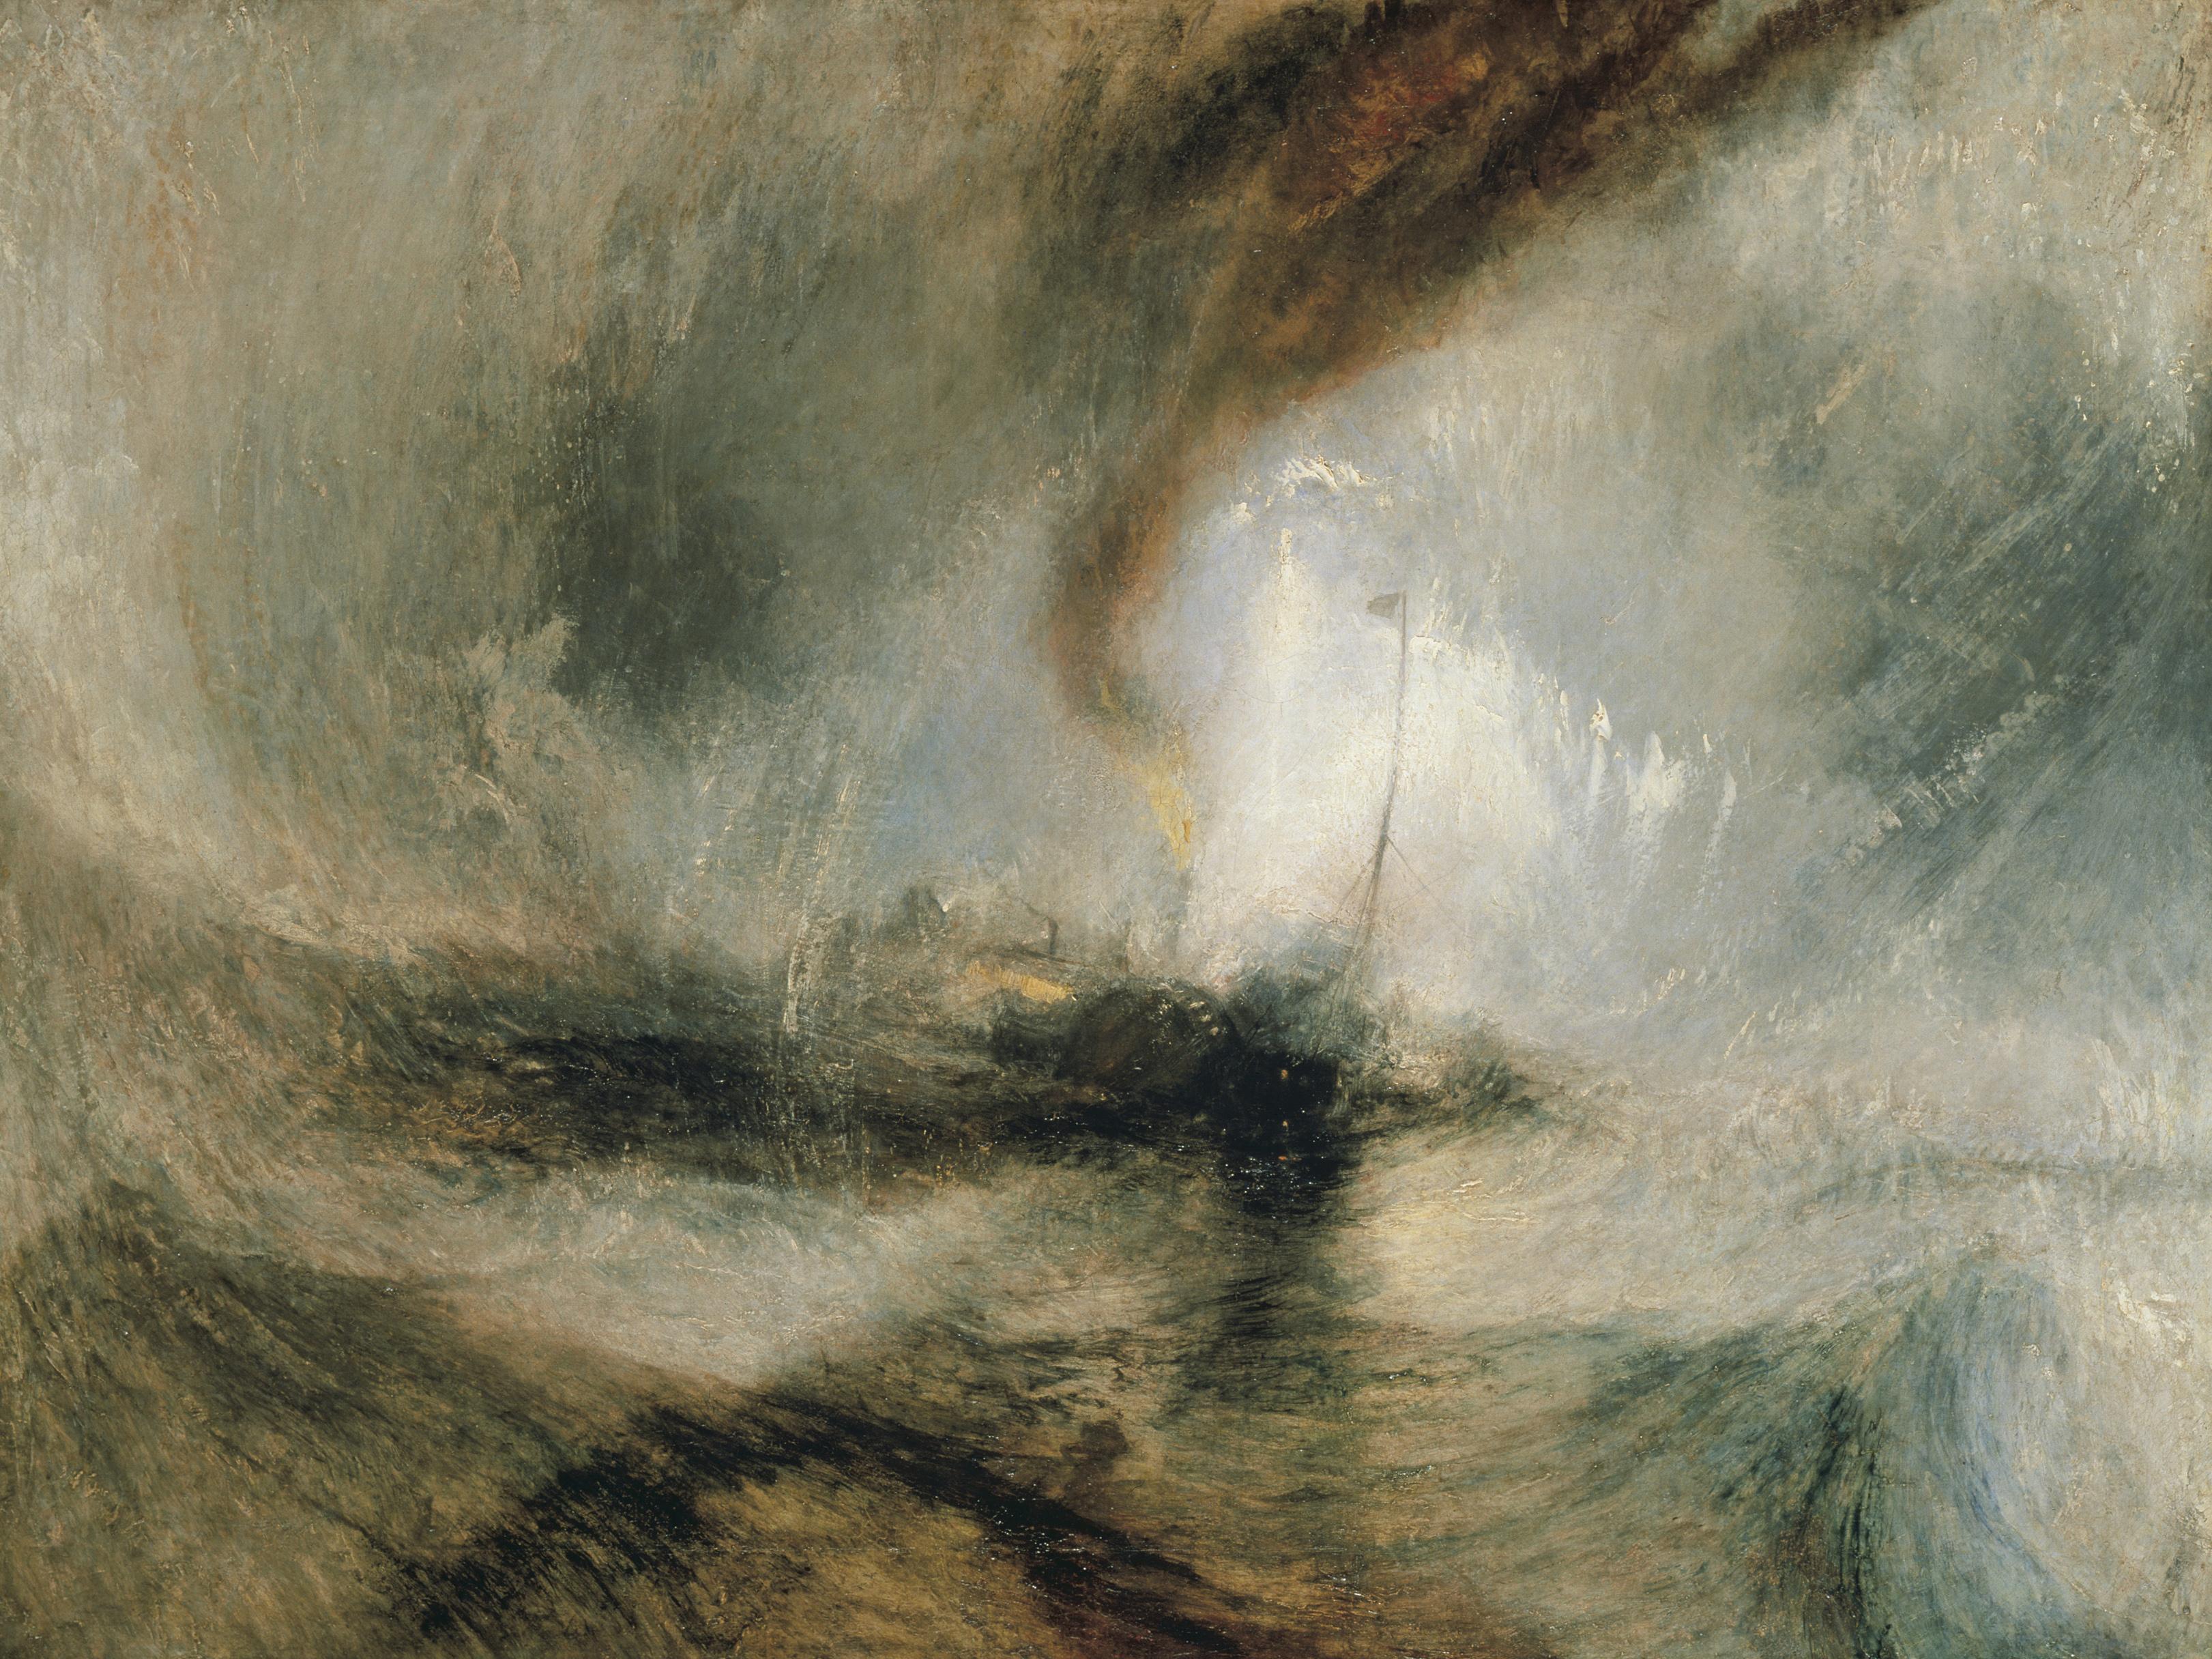 William TURNER, Tempête de neige en mer, 1842